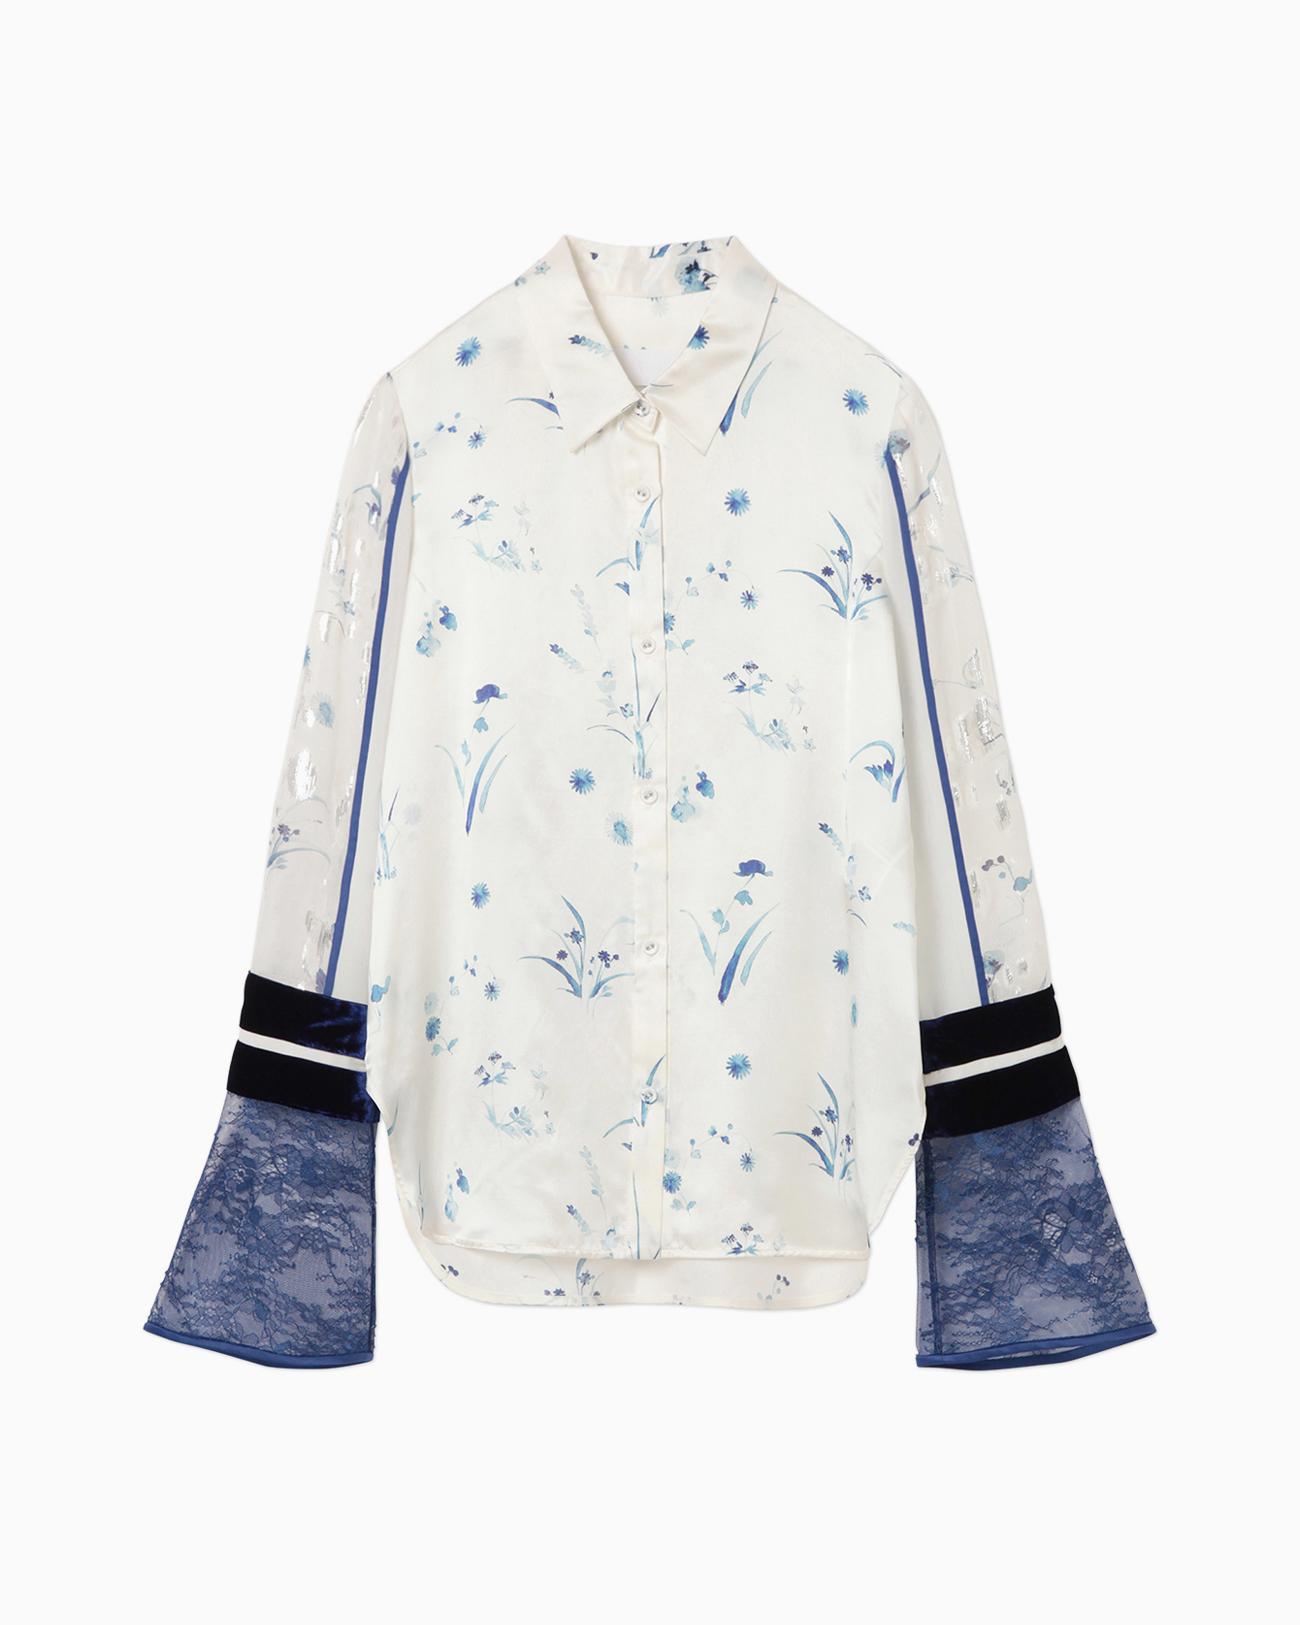 芸能人が完成記念プレミア 空の青さを知る人よで着用した衣装ブラウス、スカート、ジュエリー